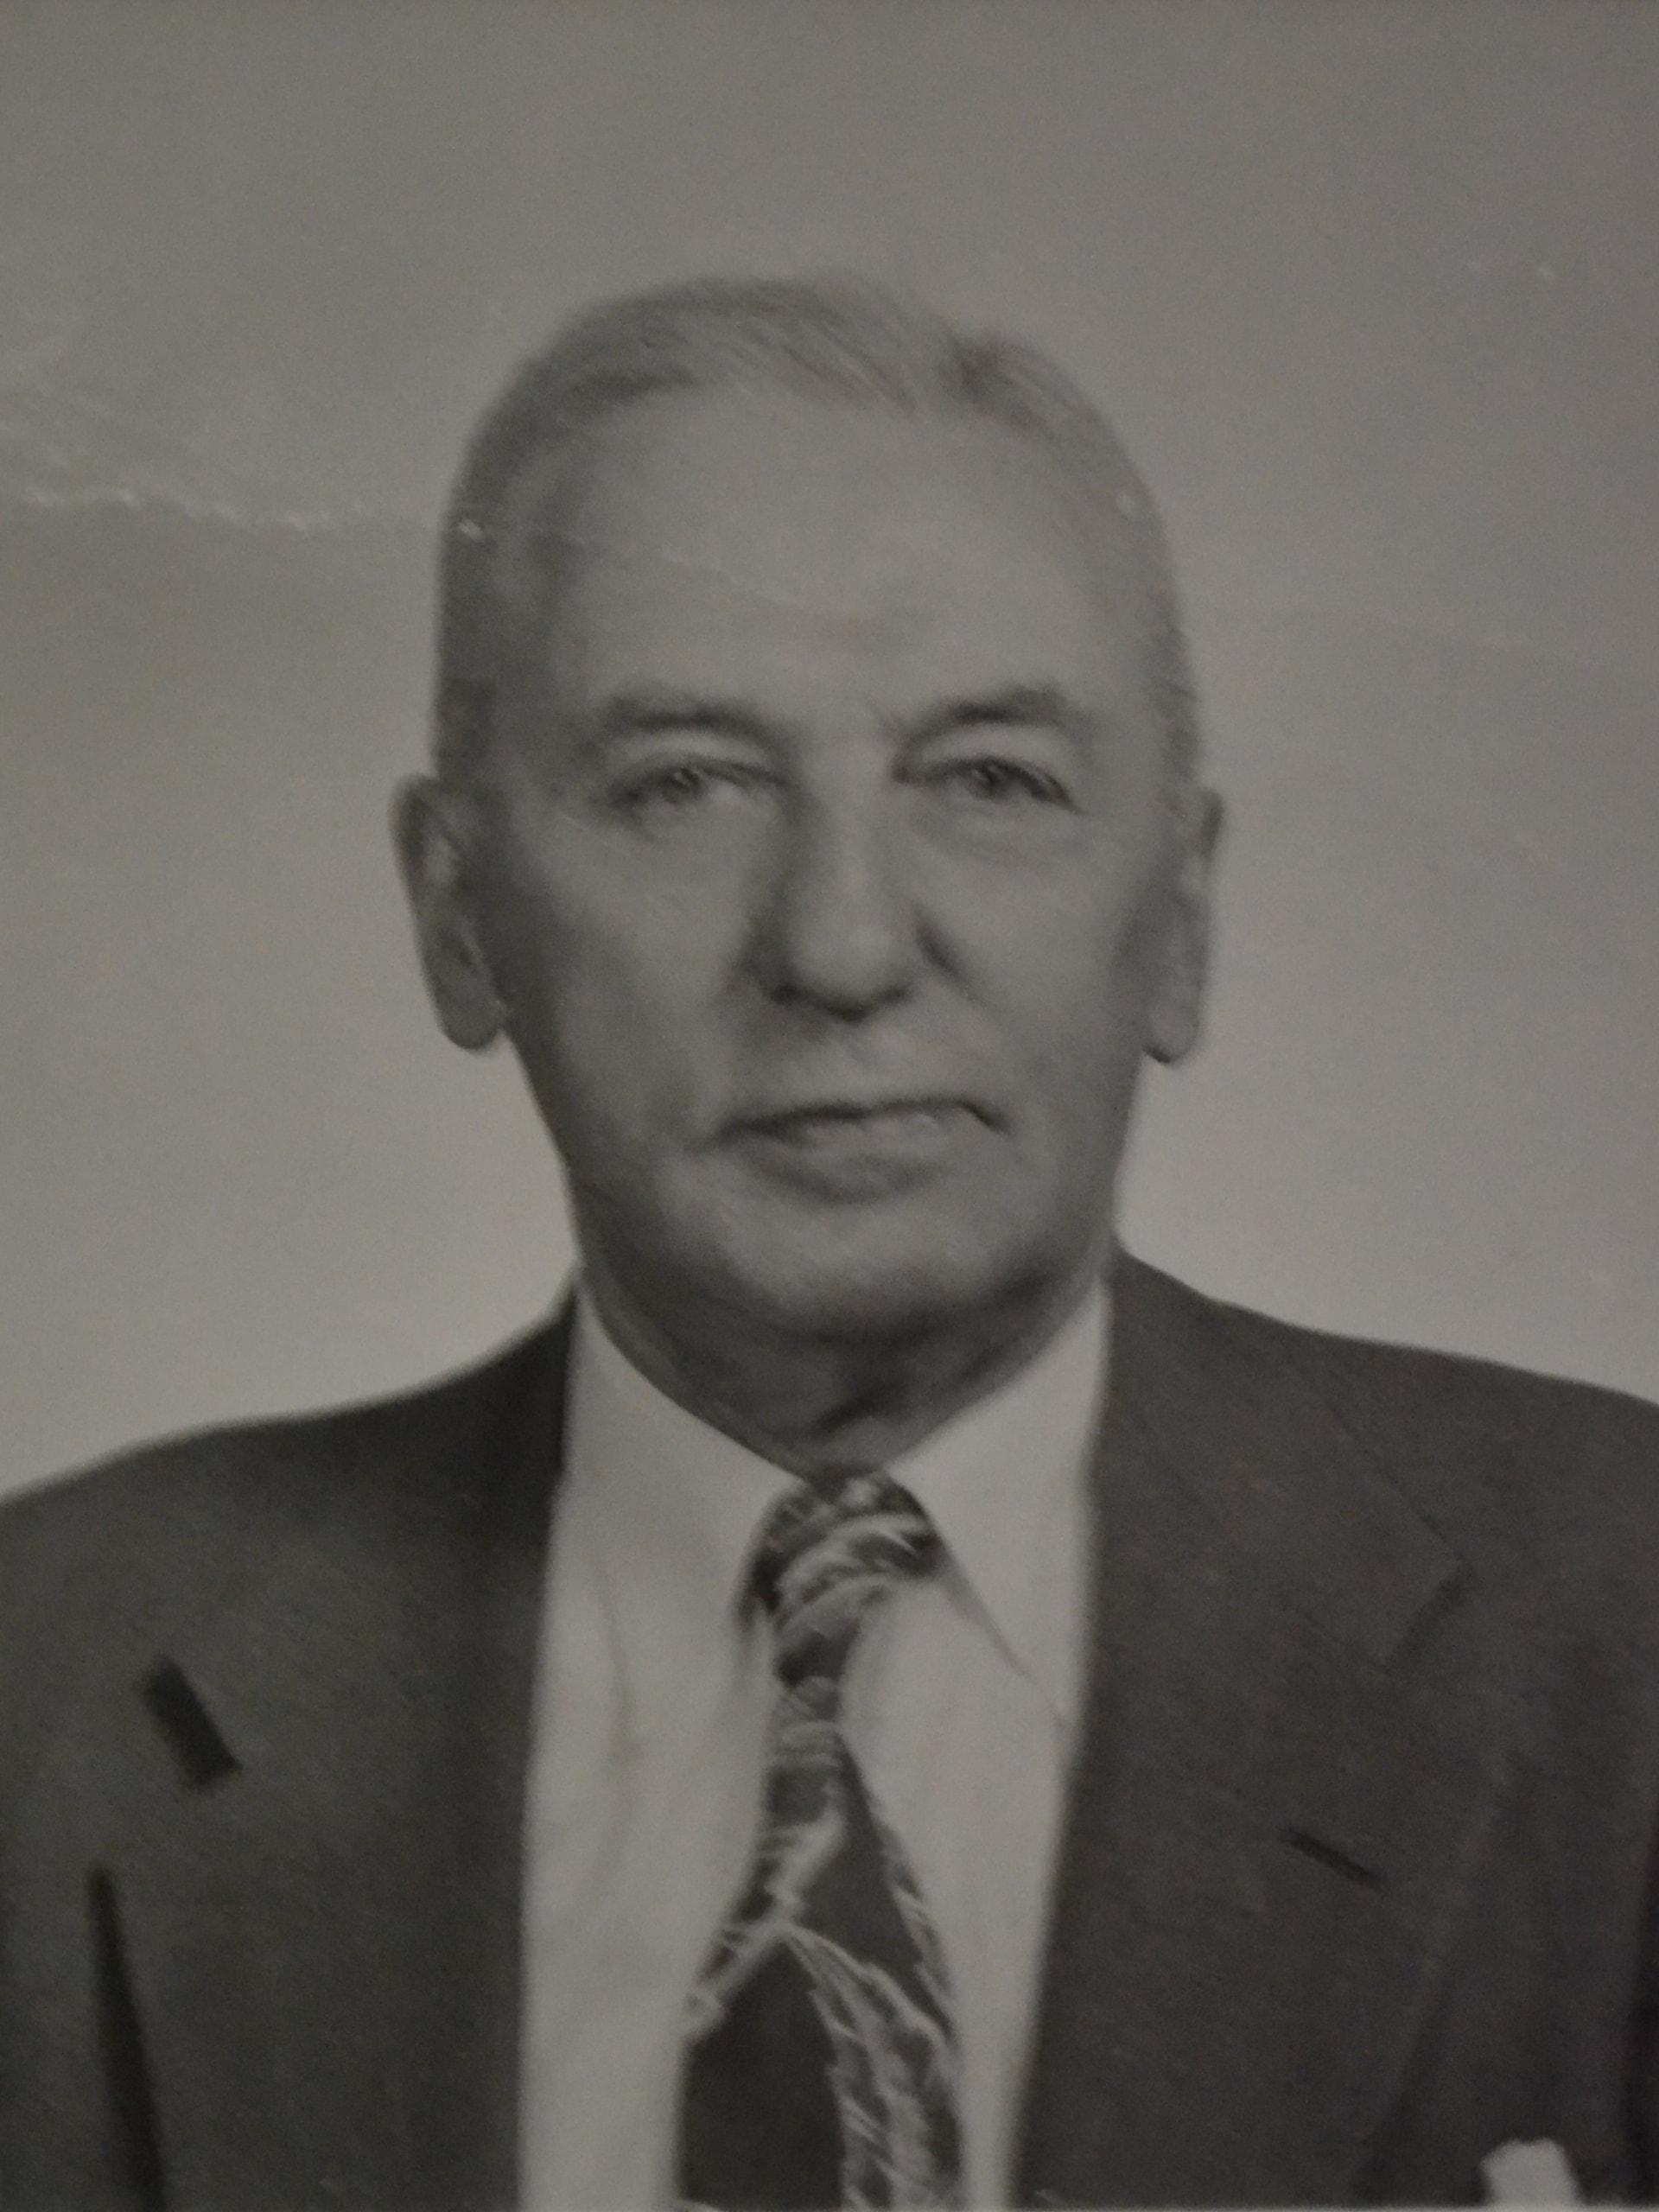 1945-R.-Lennox-Q.C.1-w1920.jpg